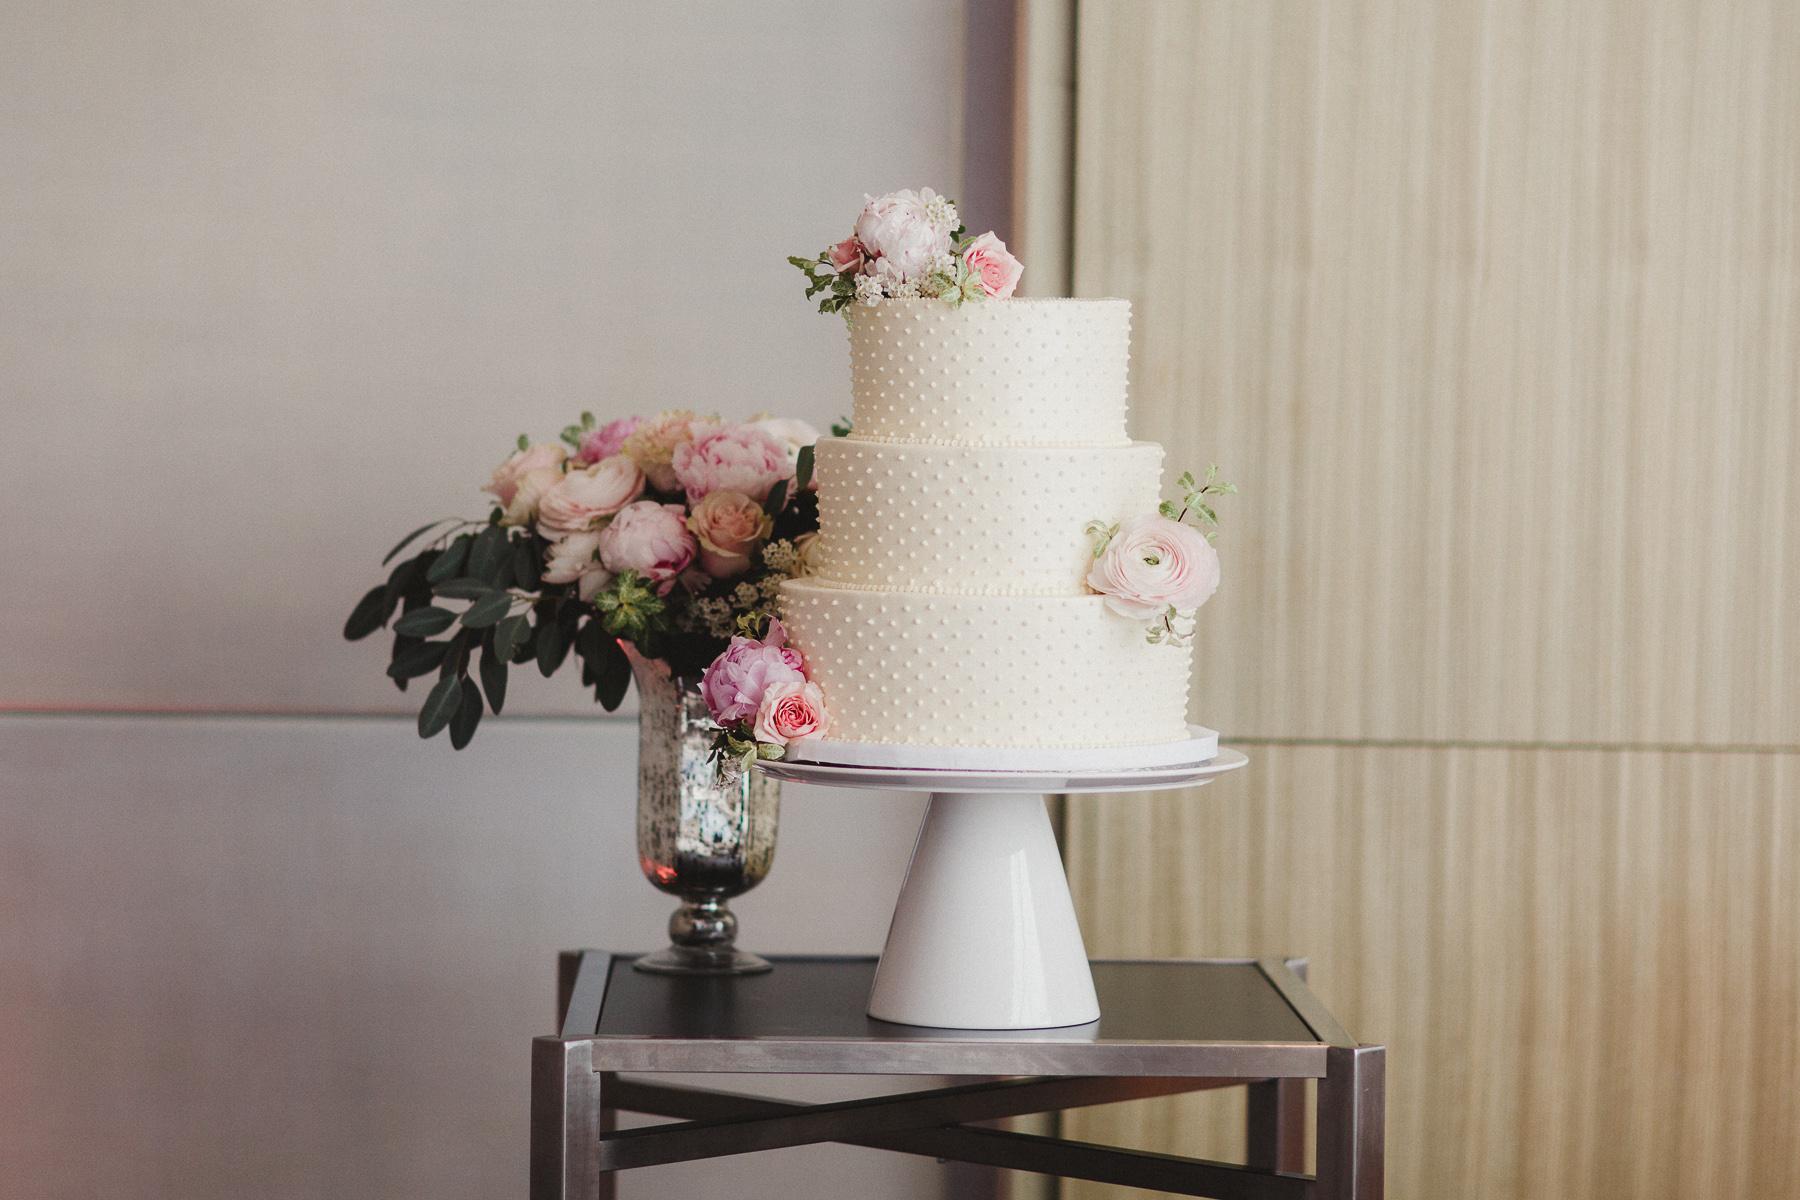 How to make a wedding cake.